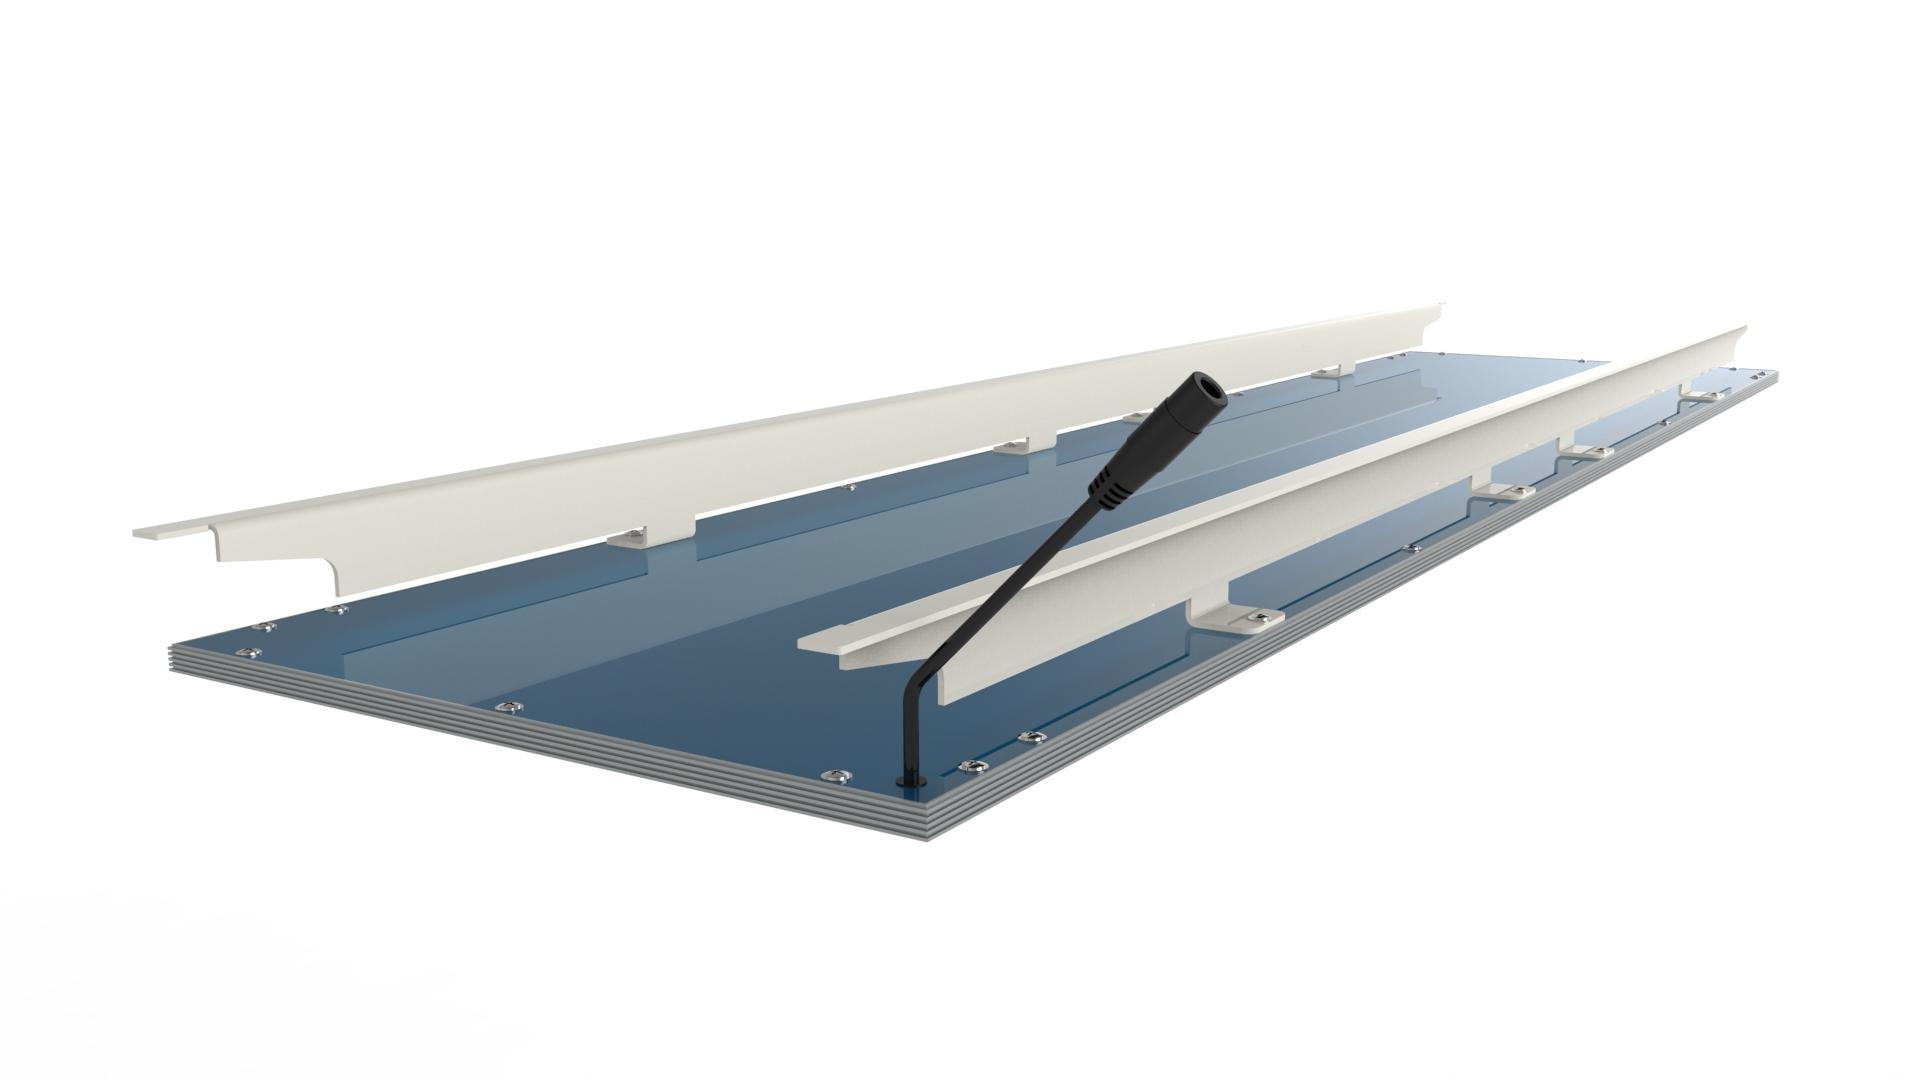 LED Panel Bandraster Metalldecke